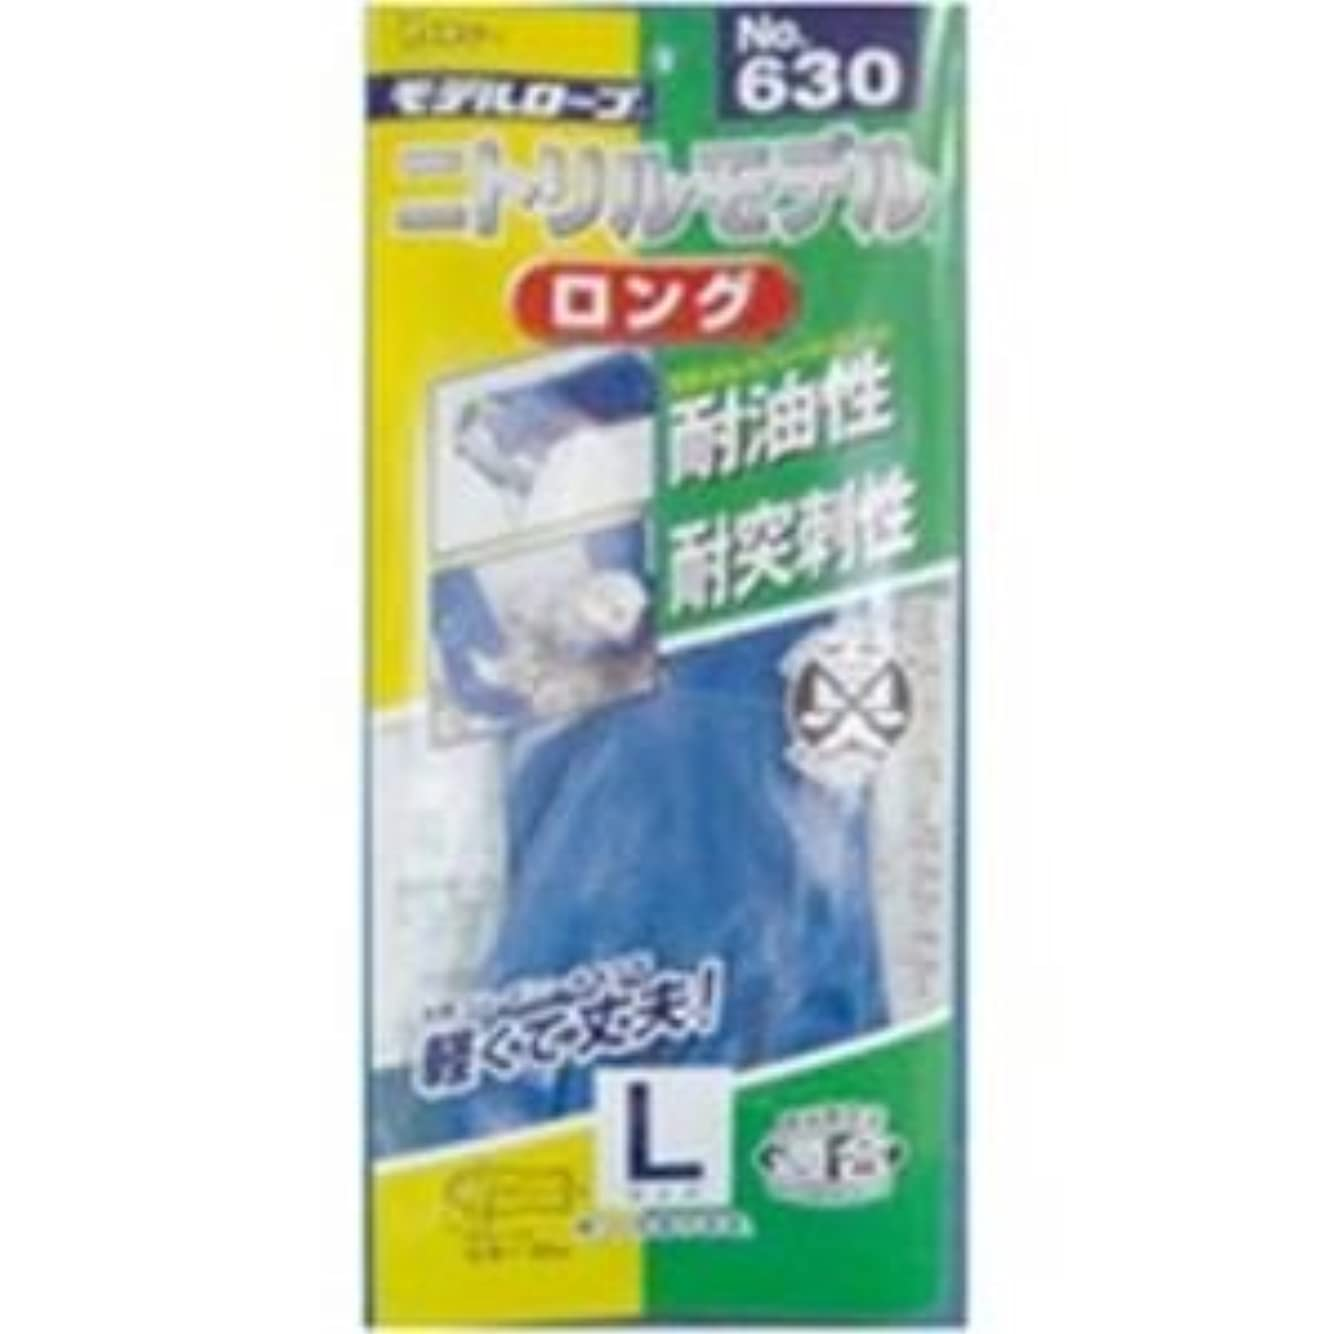 噴出するやけどコンドーム( お徳用 100セット ) エステー 作業用手袋 ニトリルモデル ロングL No.630